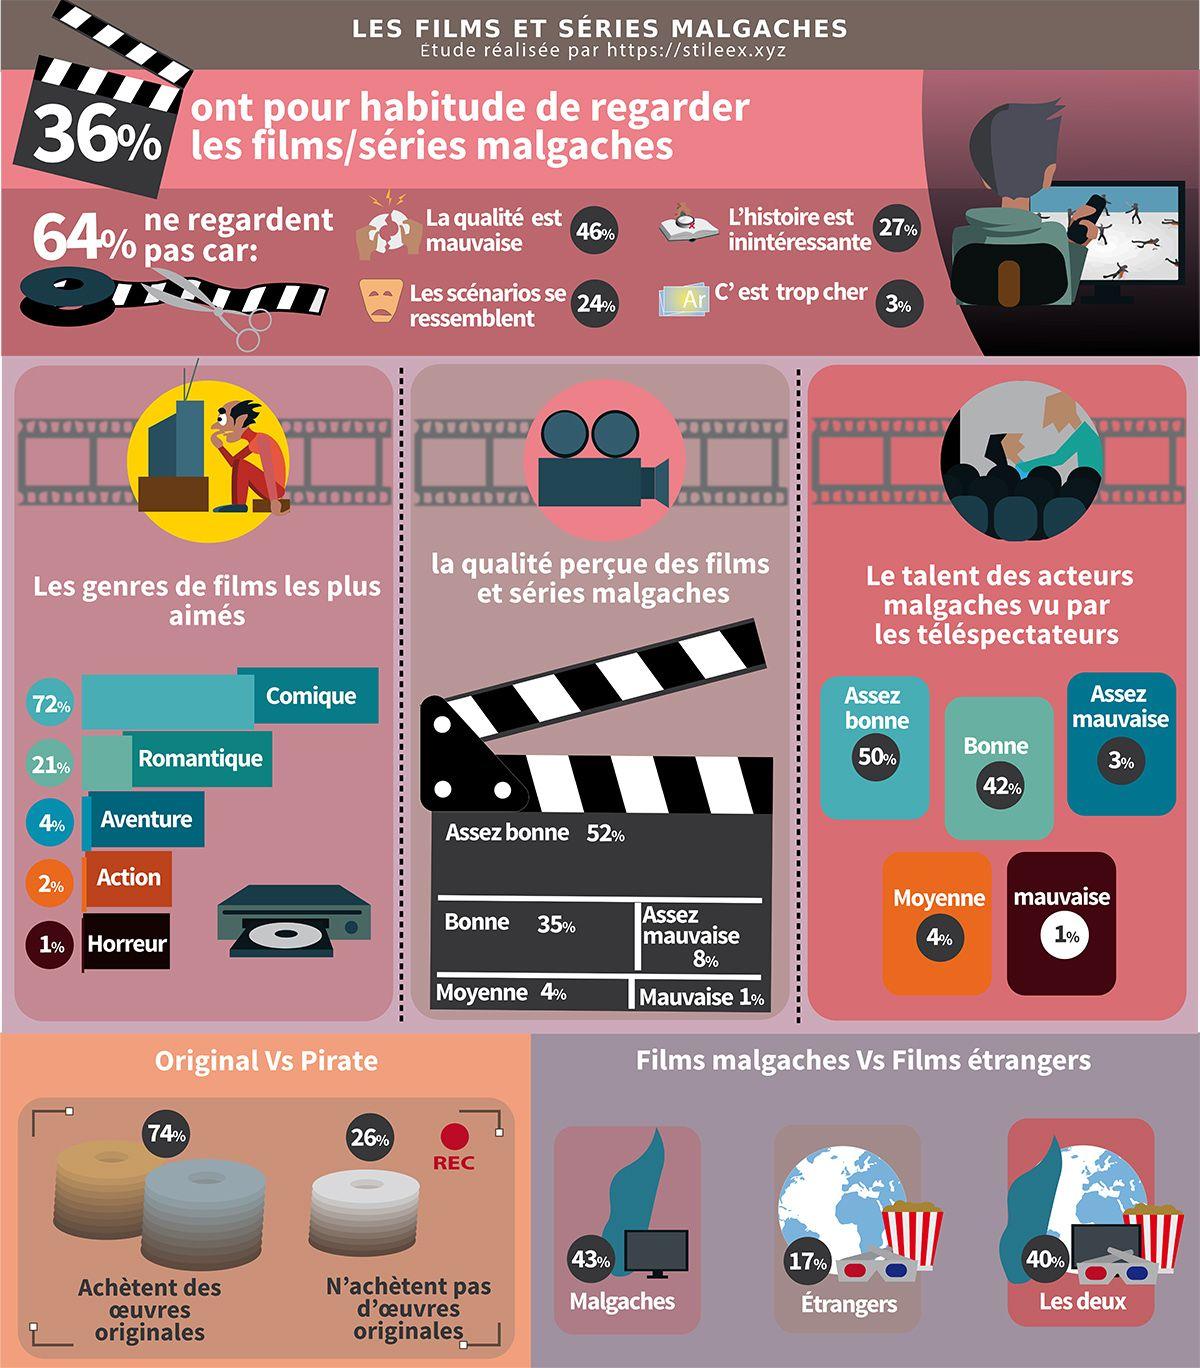 Sondage sur l'opinion des Tananariviens concernant les films et les séries malgaches